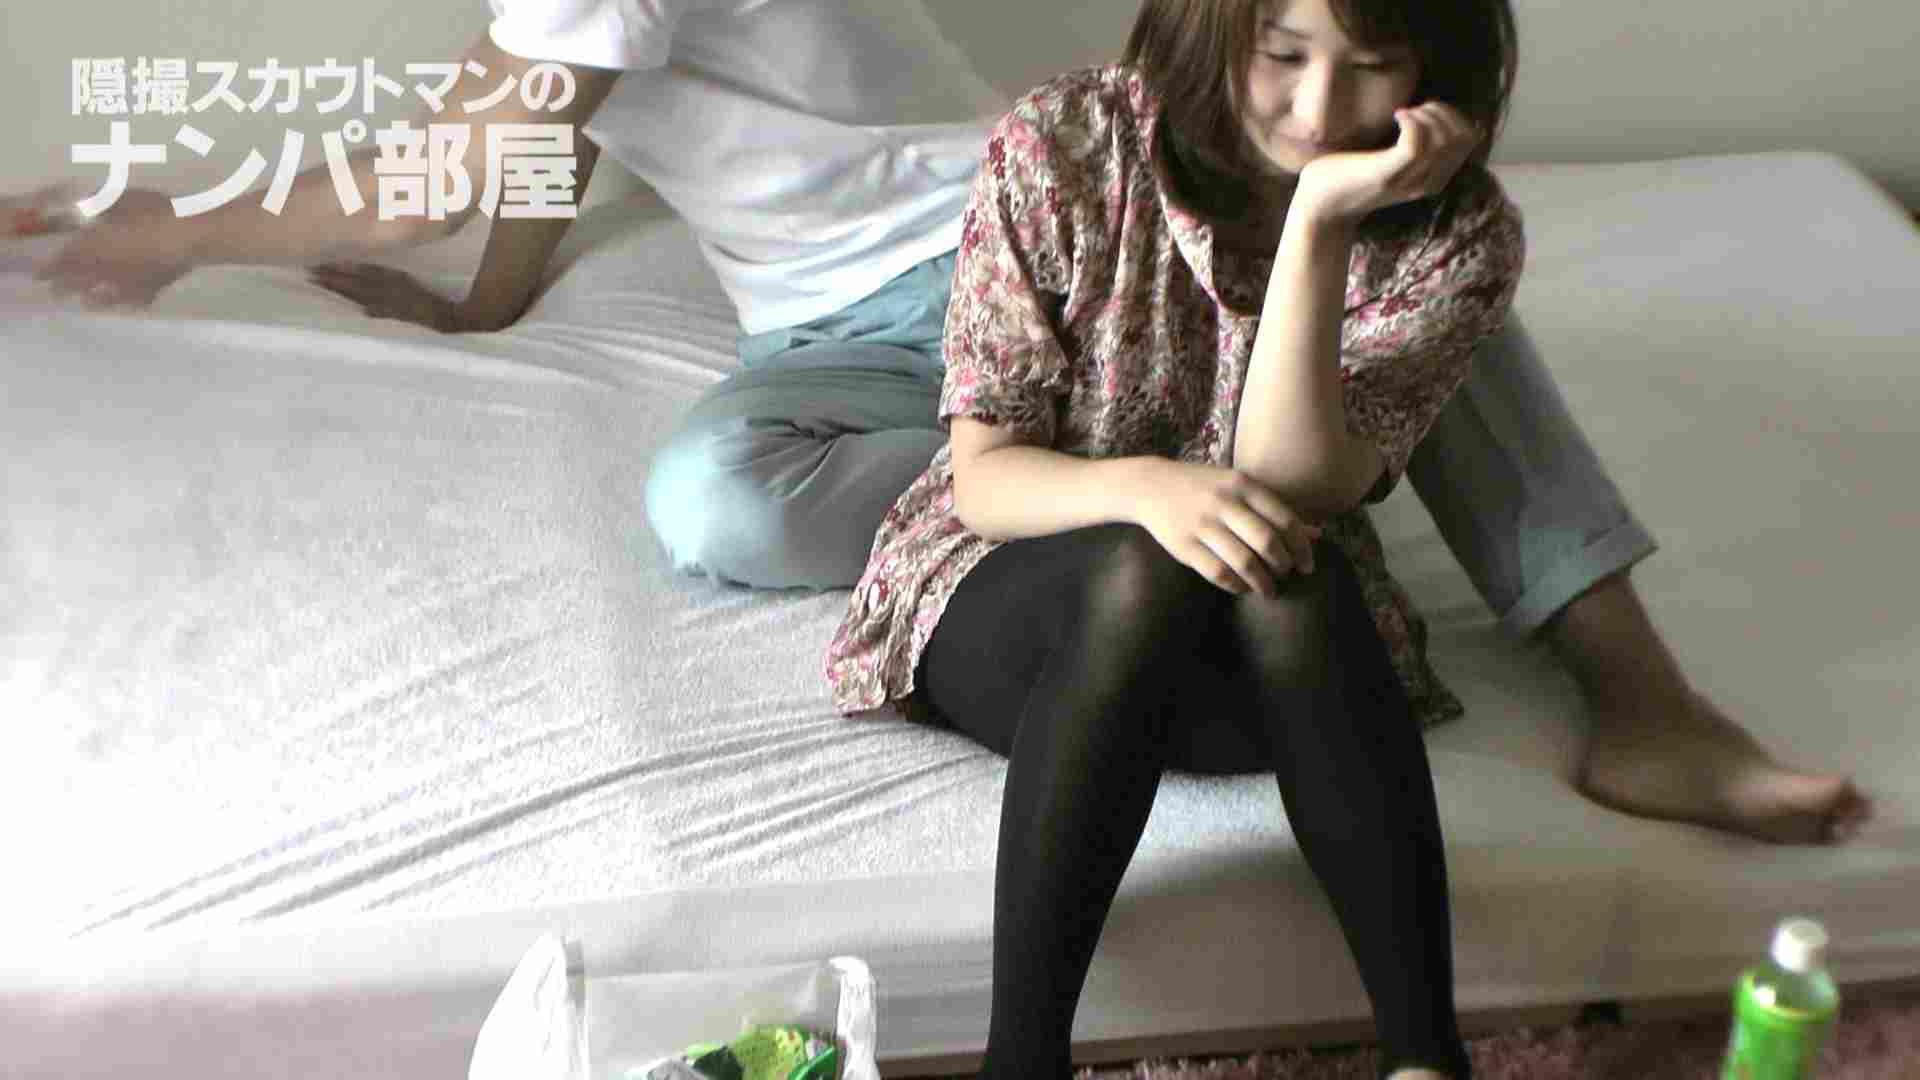 隠撮スカウトマンのナンパ部屋~風俗デビュー前のつまみ食い~ sii 隠撮  68連発 12